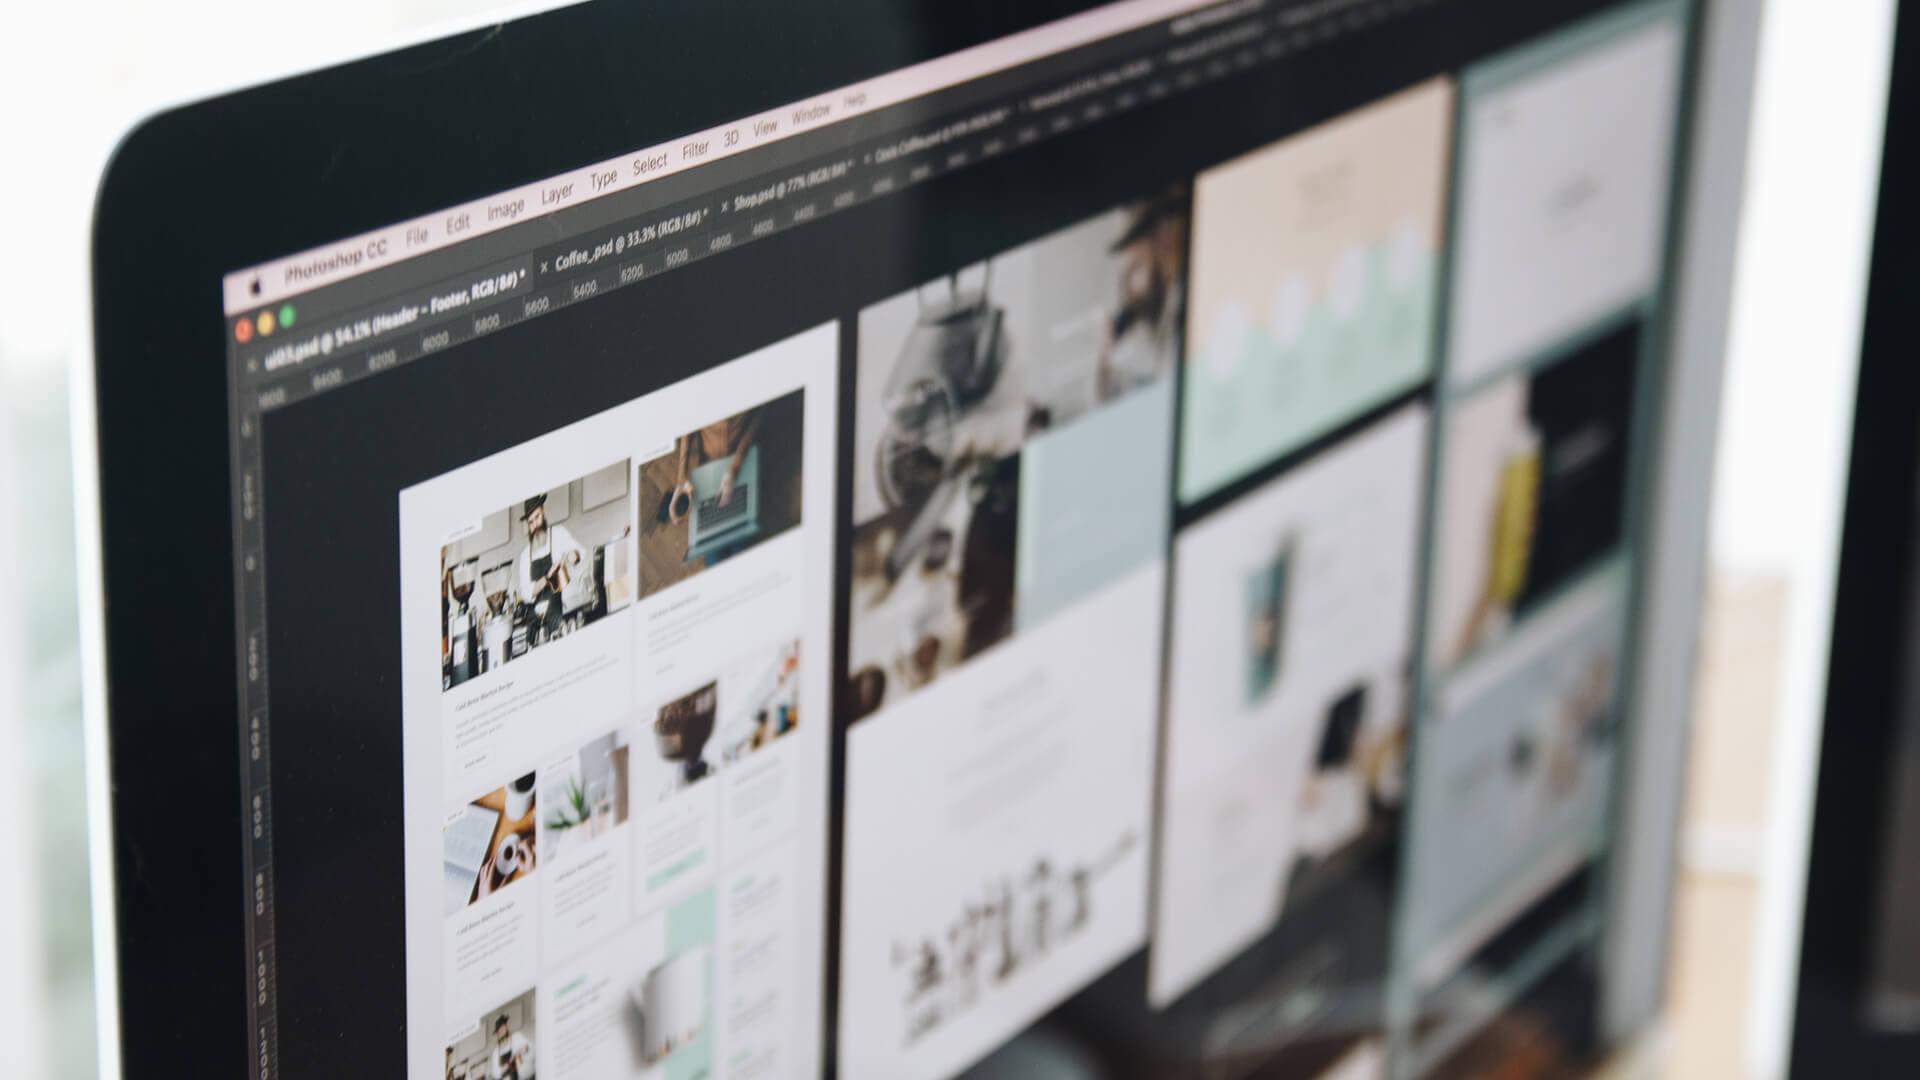 Graphic Designing Tools